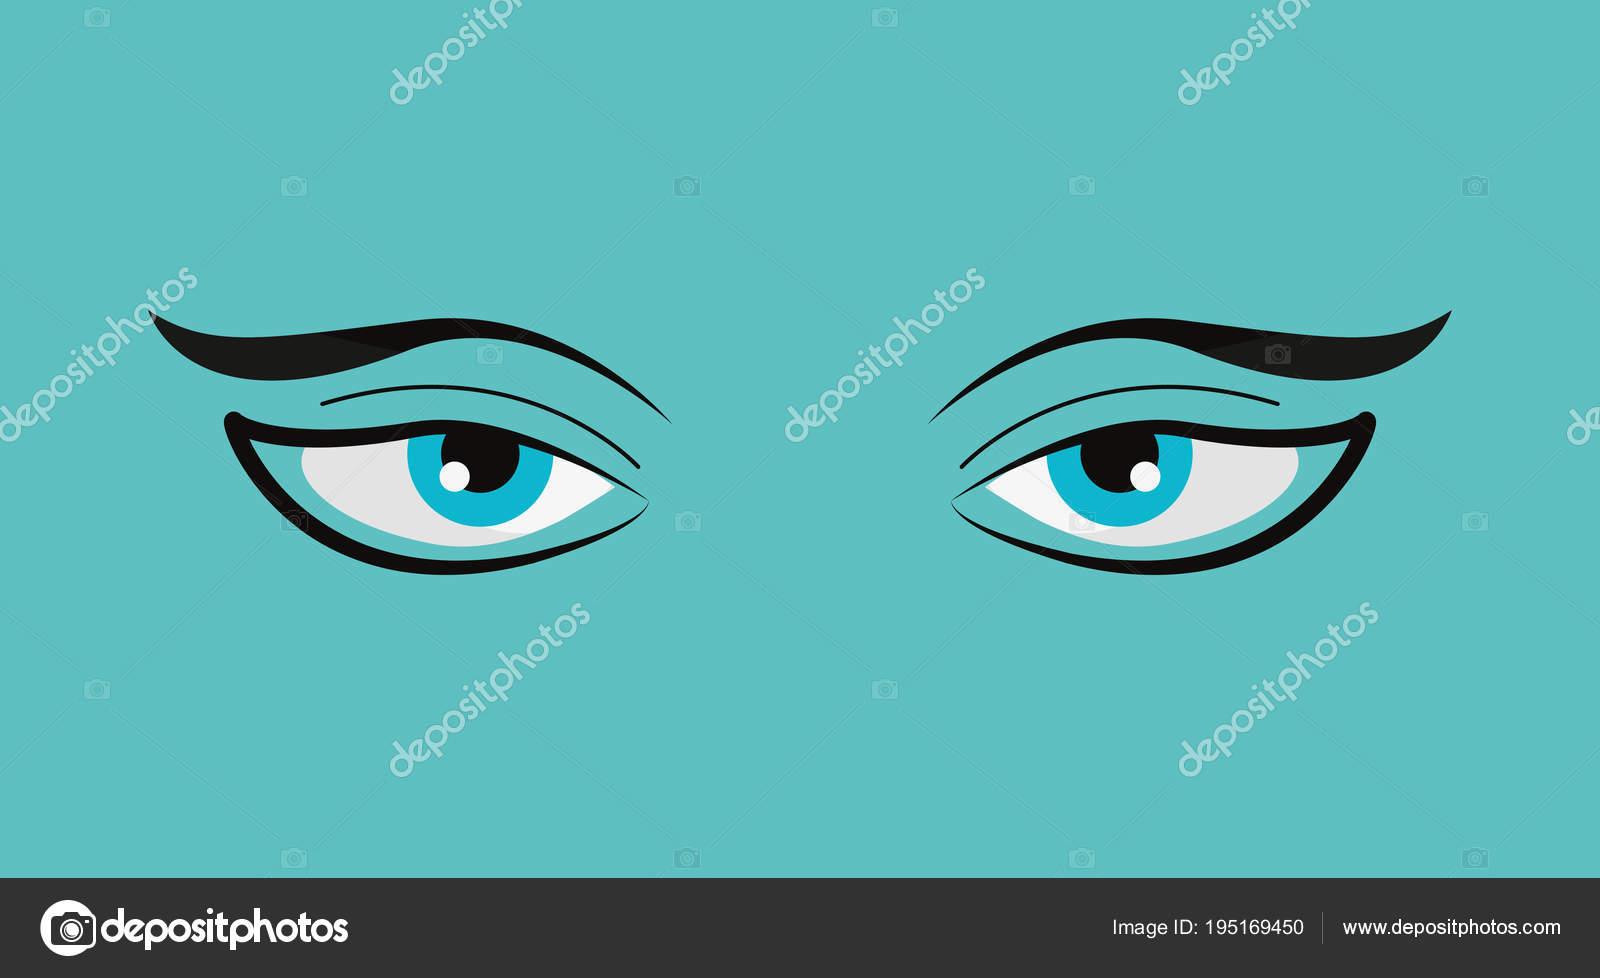 diseño de ojos perezoso — Archivo Imágenes Vectoriales © djv #195169450